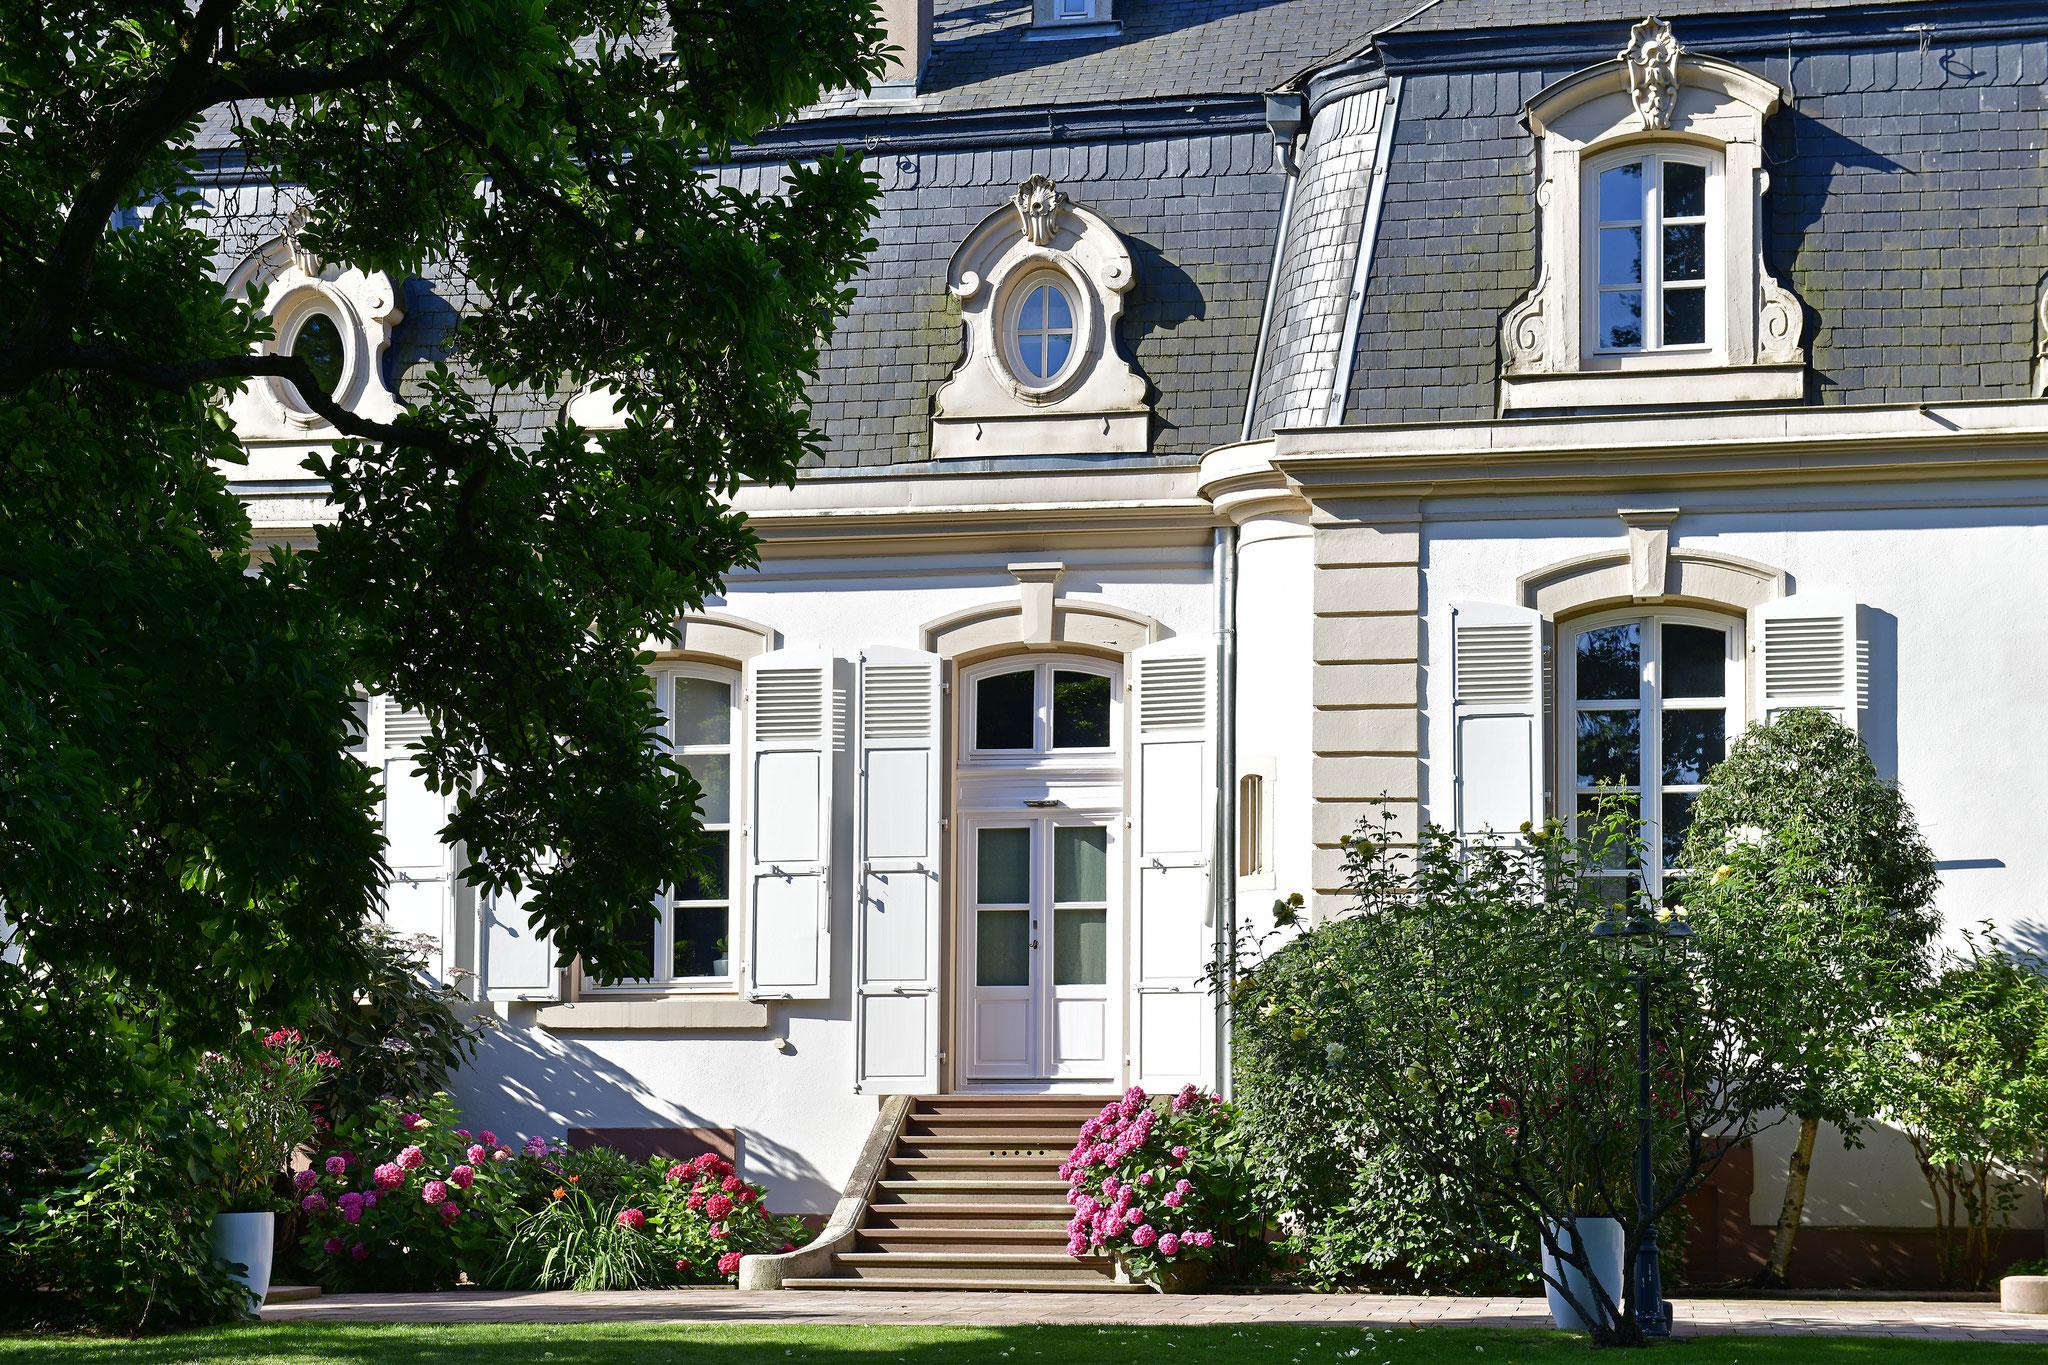 Residenz Consulat général d'Allemagne Strasbourg